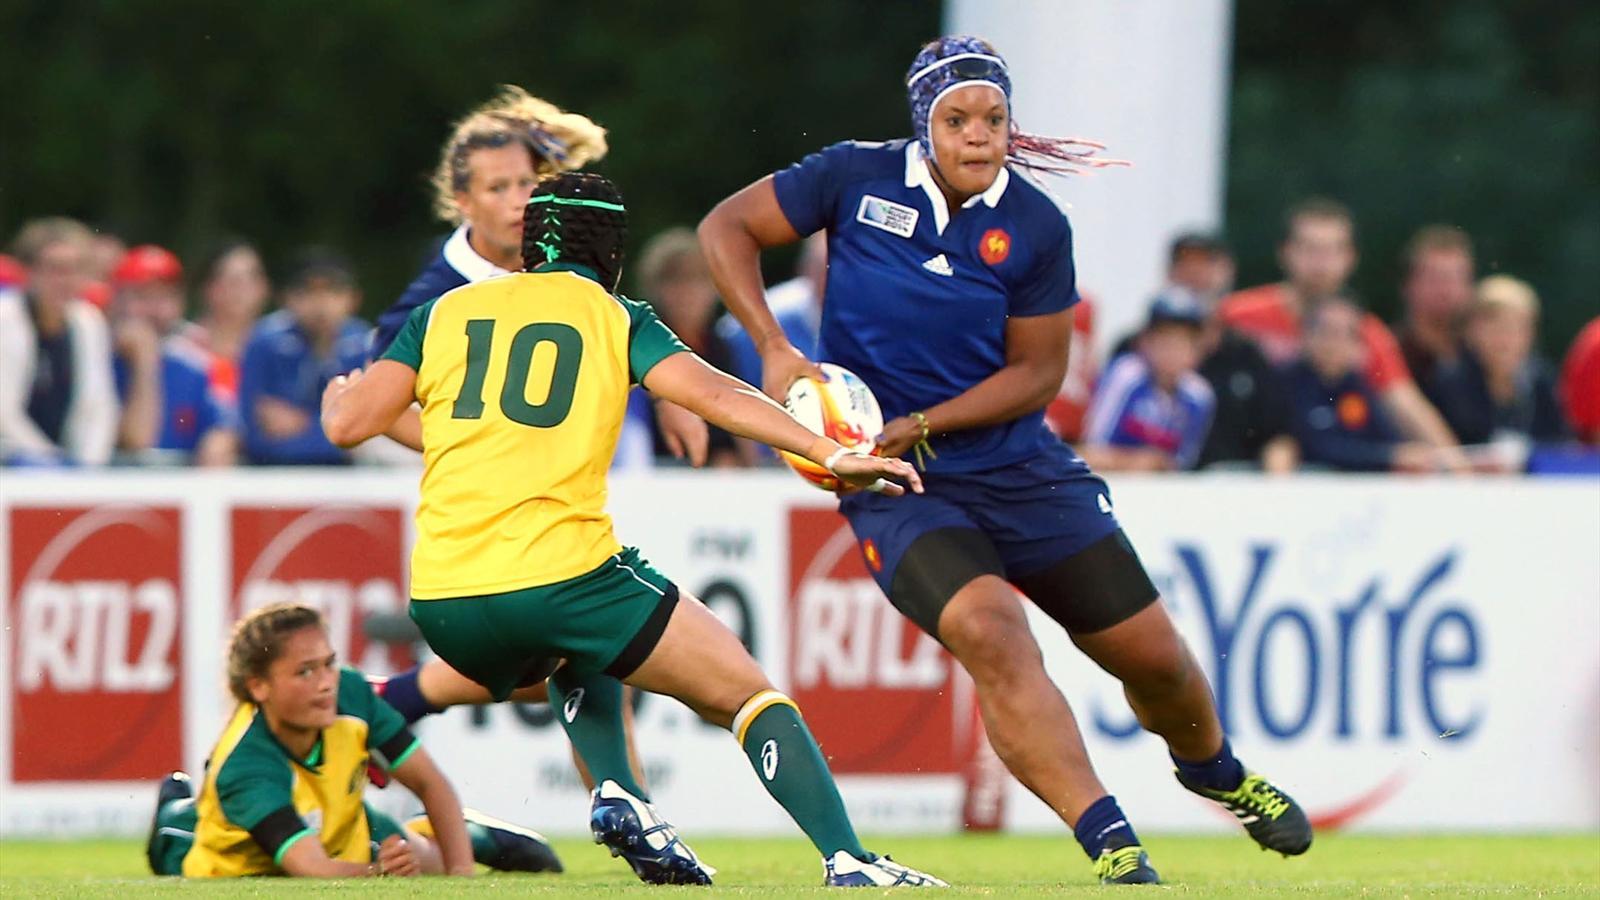 Rugby : Safi N'Diaye, Oscar de la meilleure joueuse française